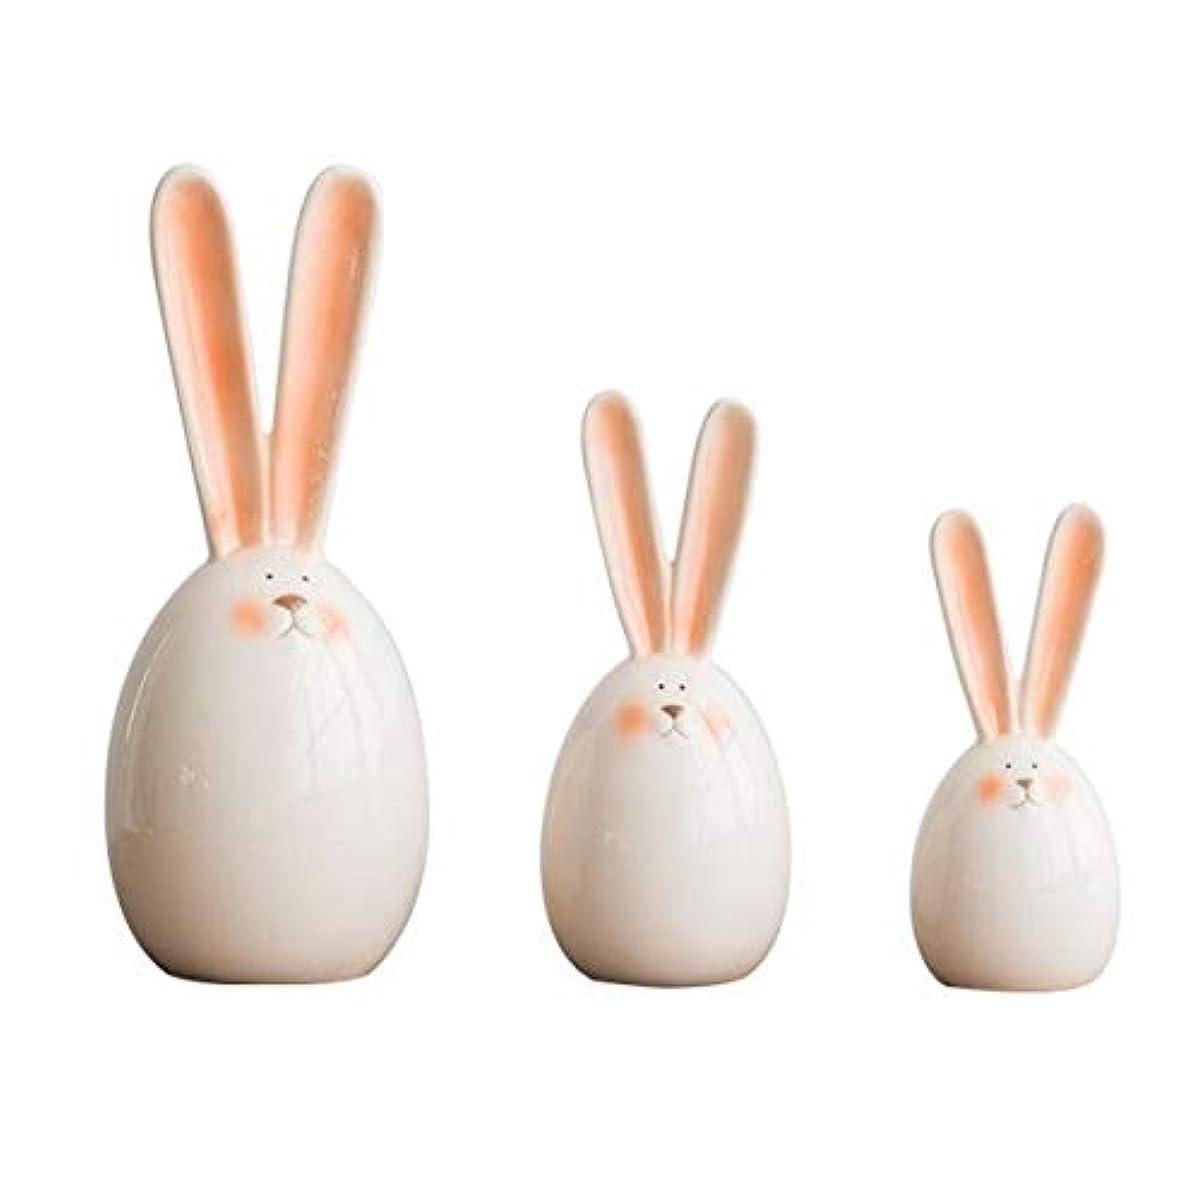 悲しいことにアンタゴニストボトルネックChengjinxiang リビングルームワインキャビネットテレビキャビネット漫画の装飾小さな装飾品誕生日プレゼントかわいいセラミックウサギの結婚祝いの表示,クリエイティブギフト (Style : Rabbit)